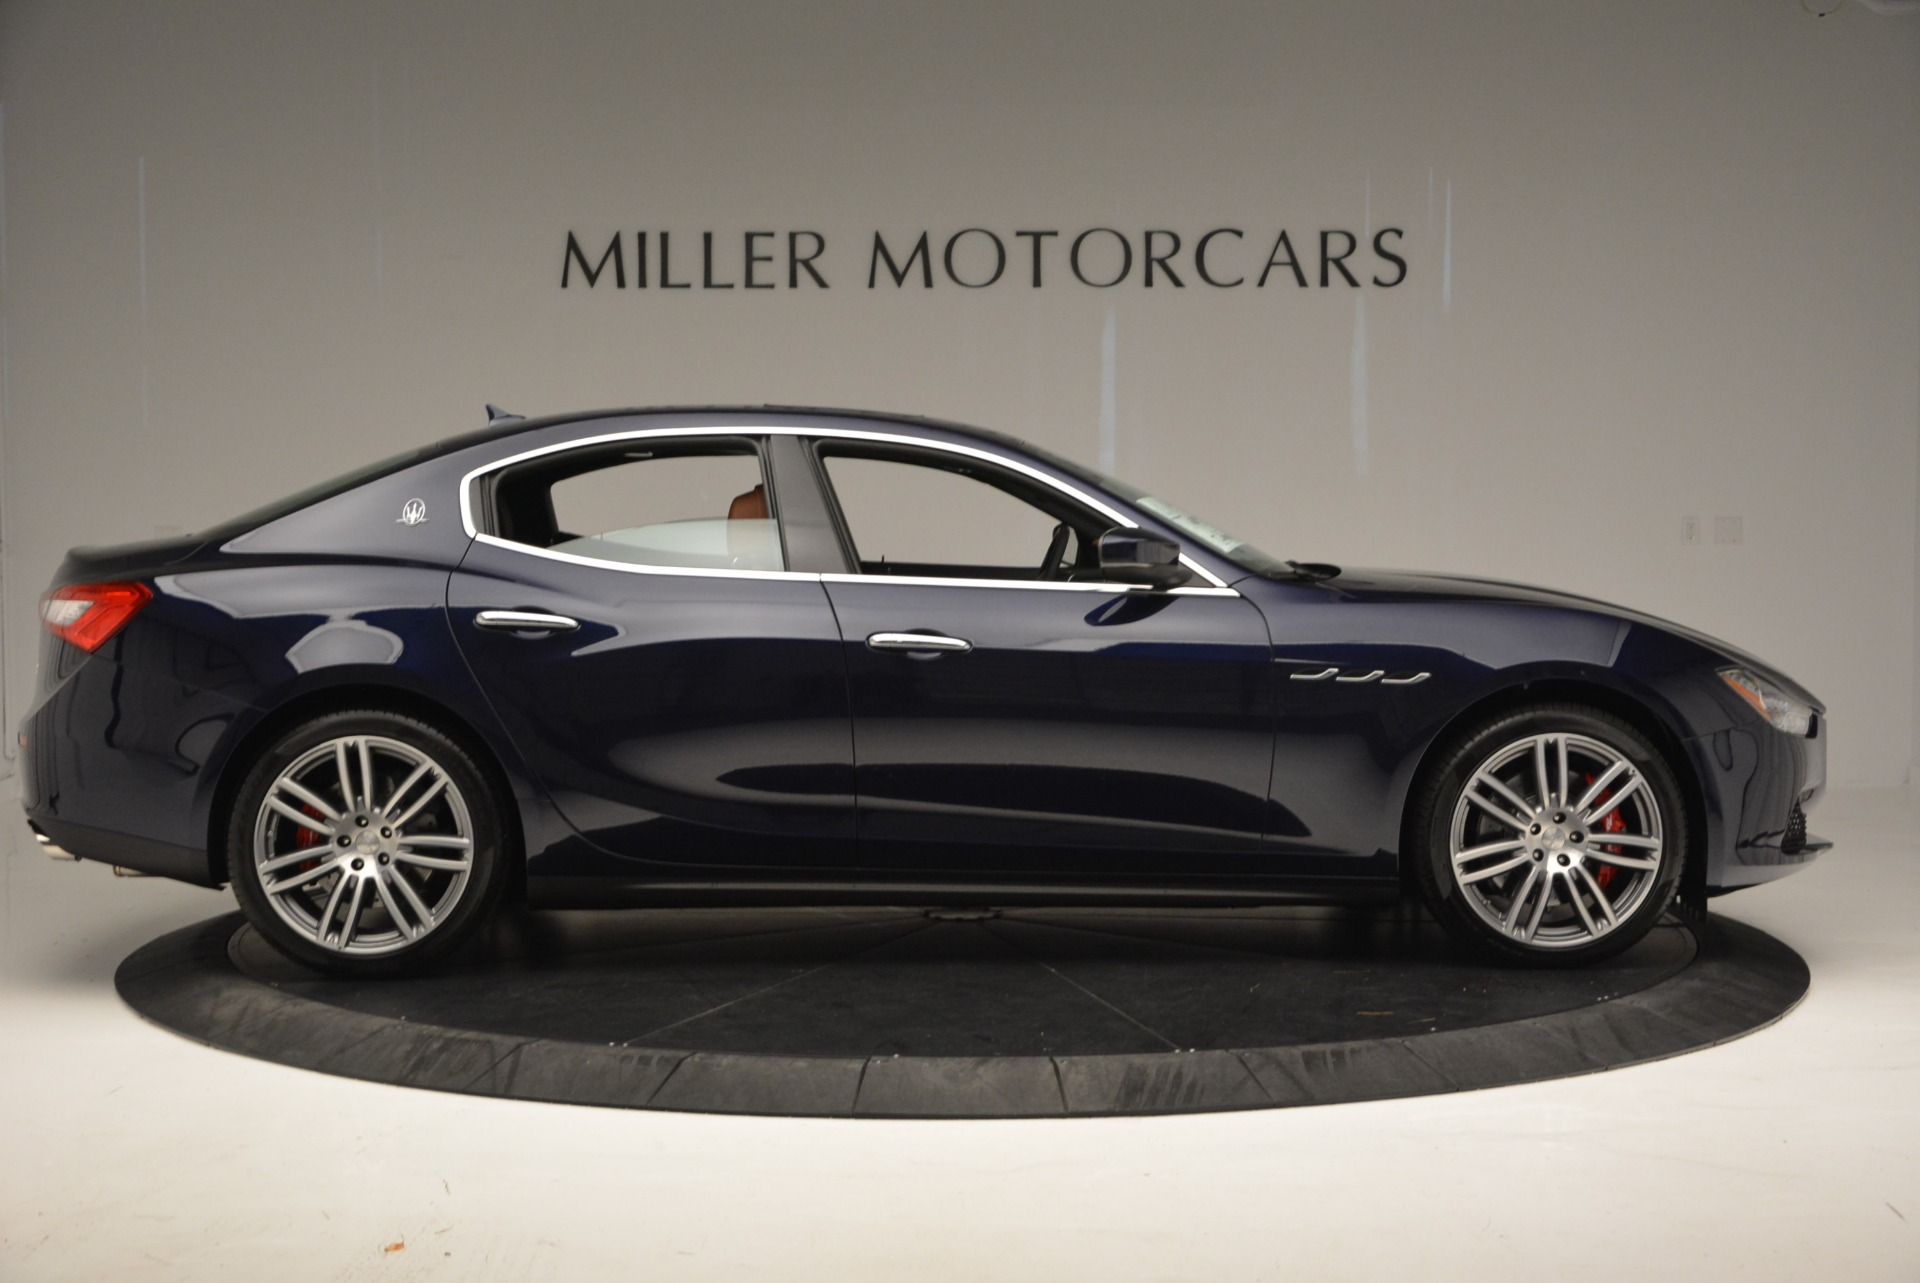 New 2019 Maserati Ghibli S Q4 For Sale In Greenwich, CT 2606_p9